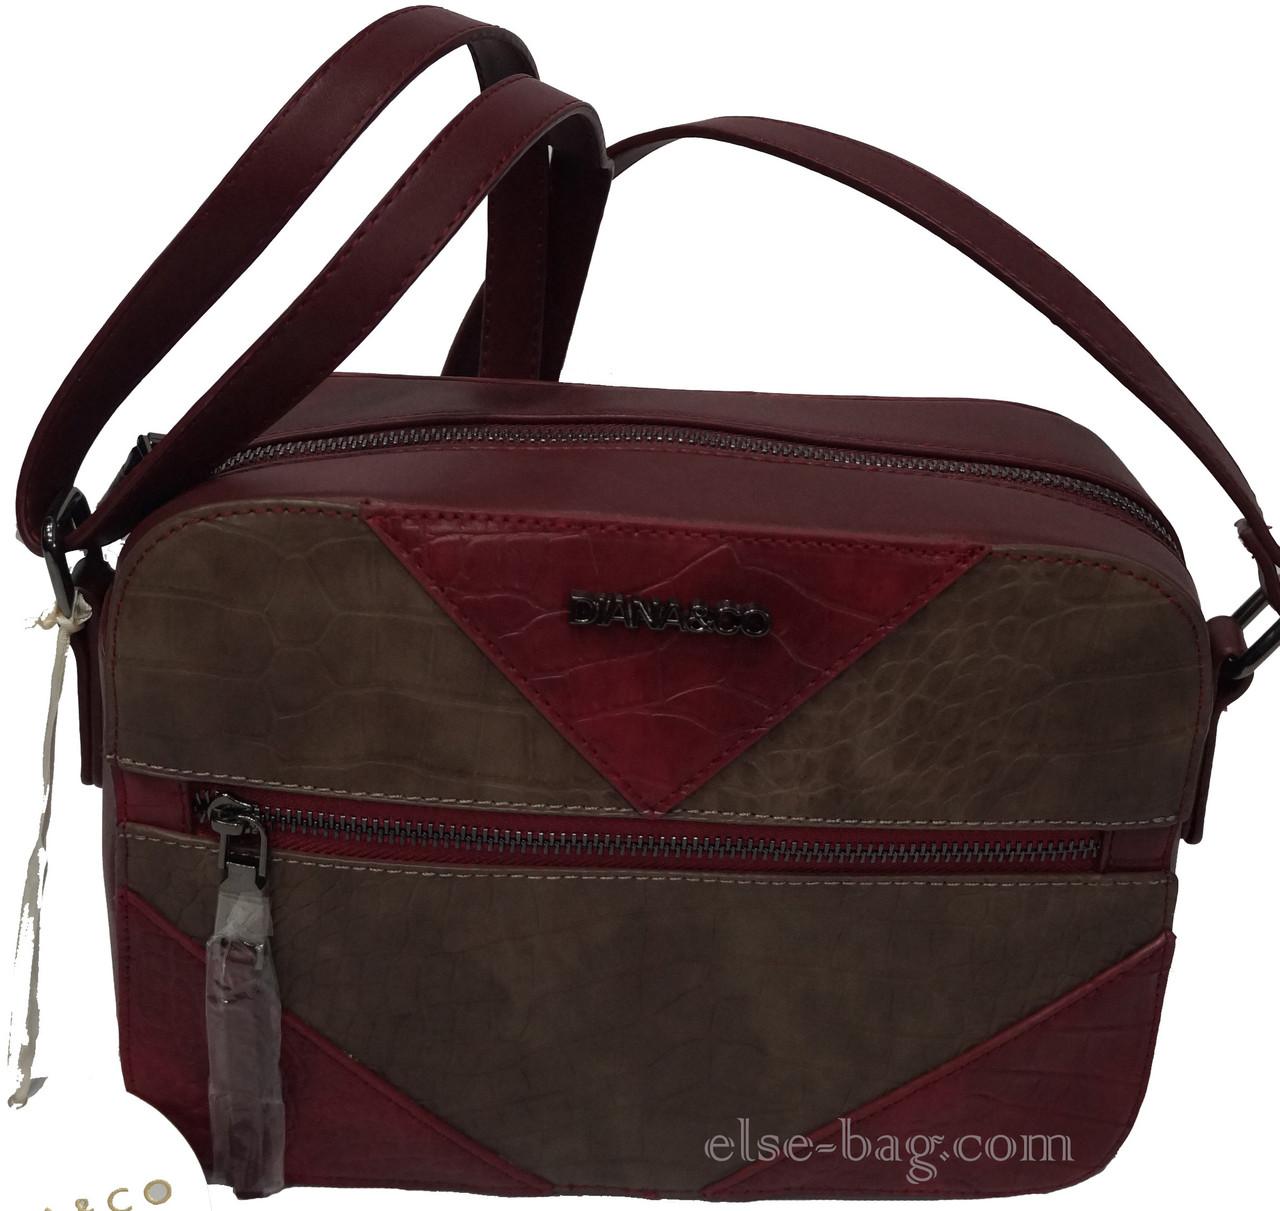 94c8bc684316 Каркасная женская сумка через плечо, двухцветная -